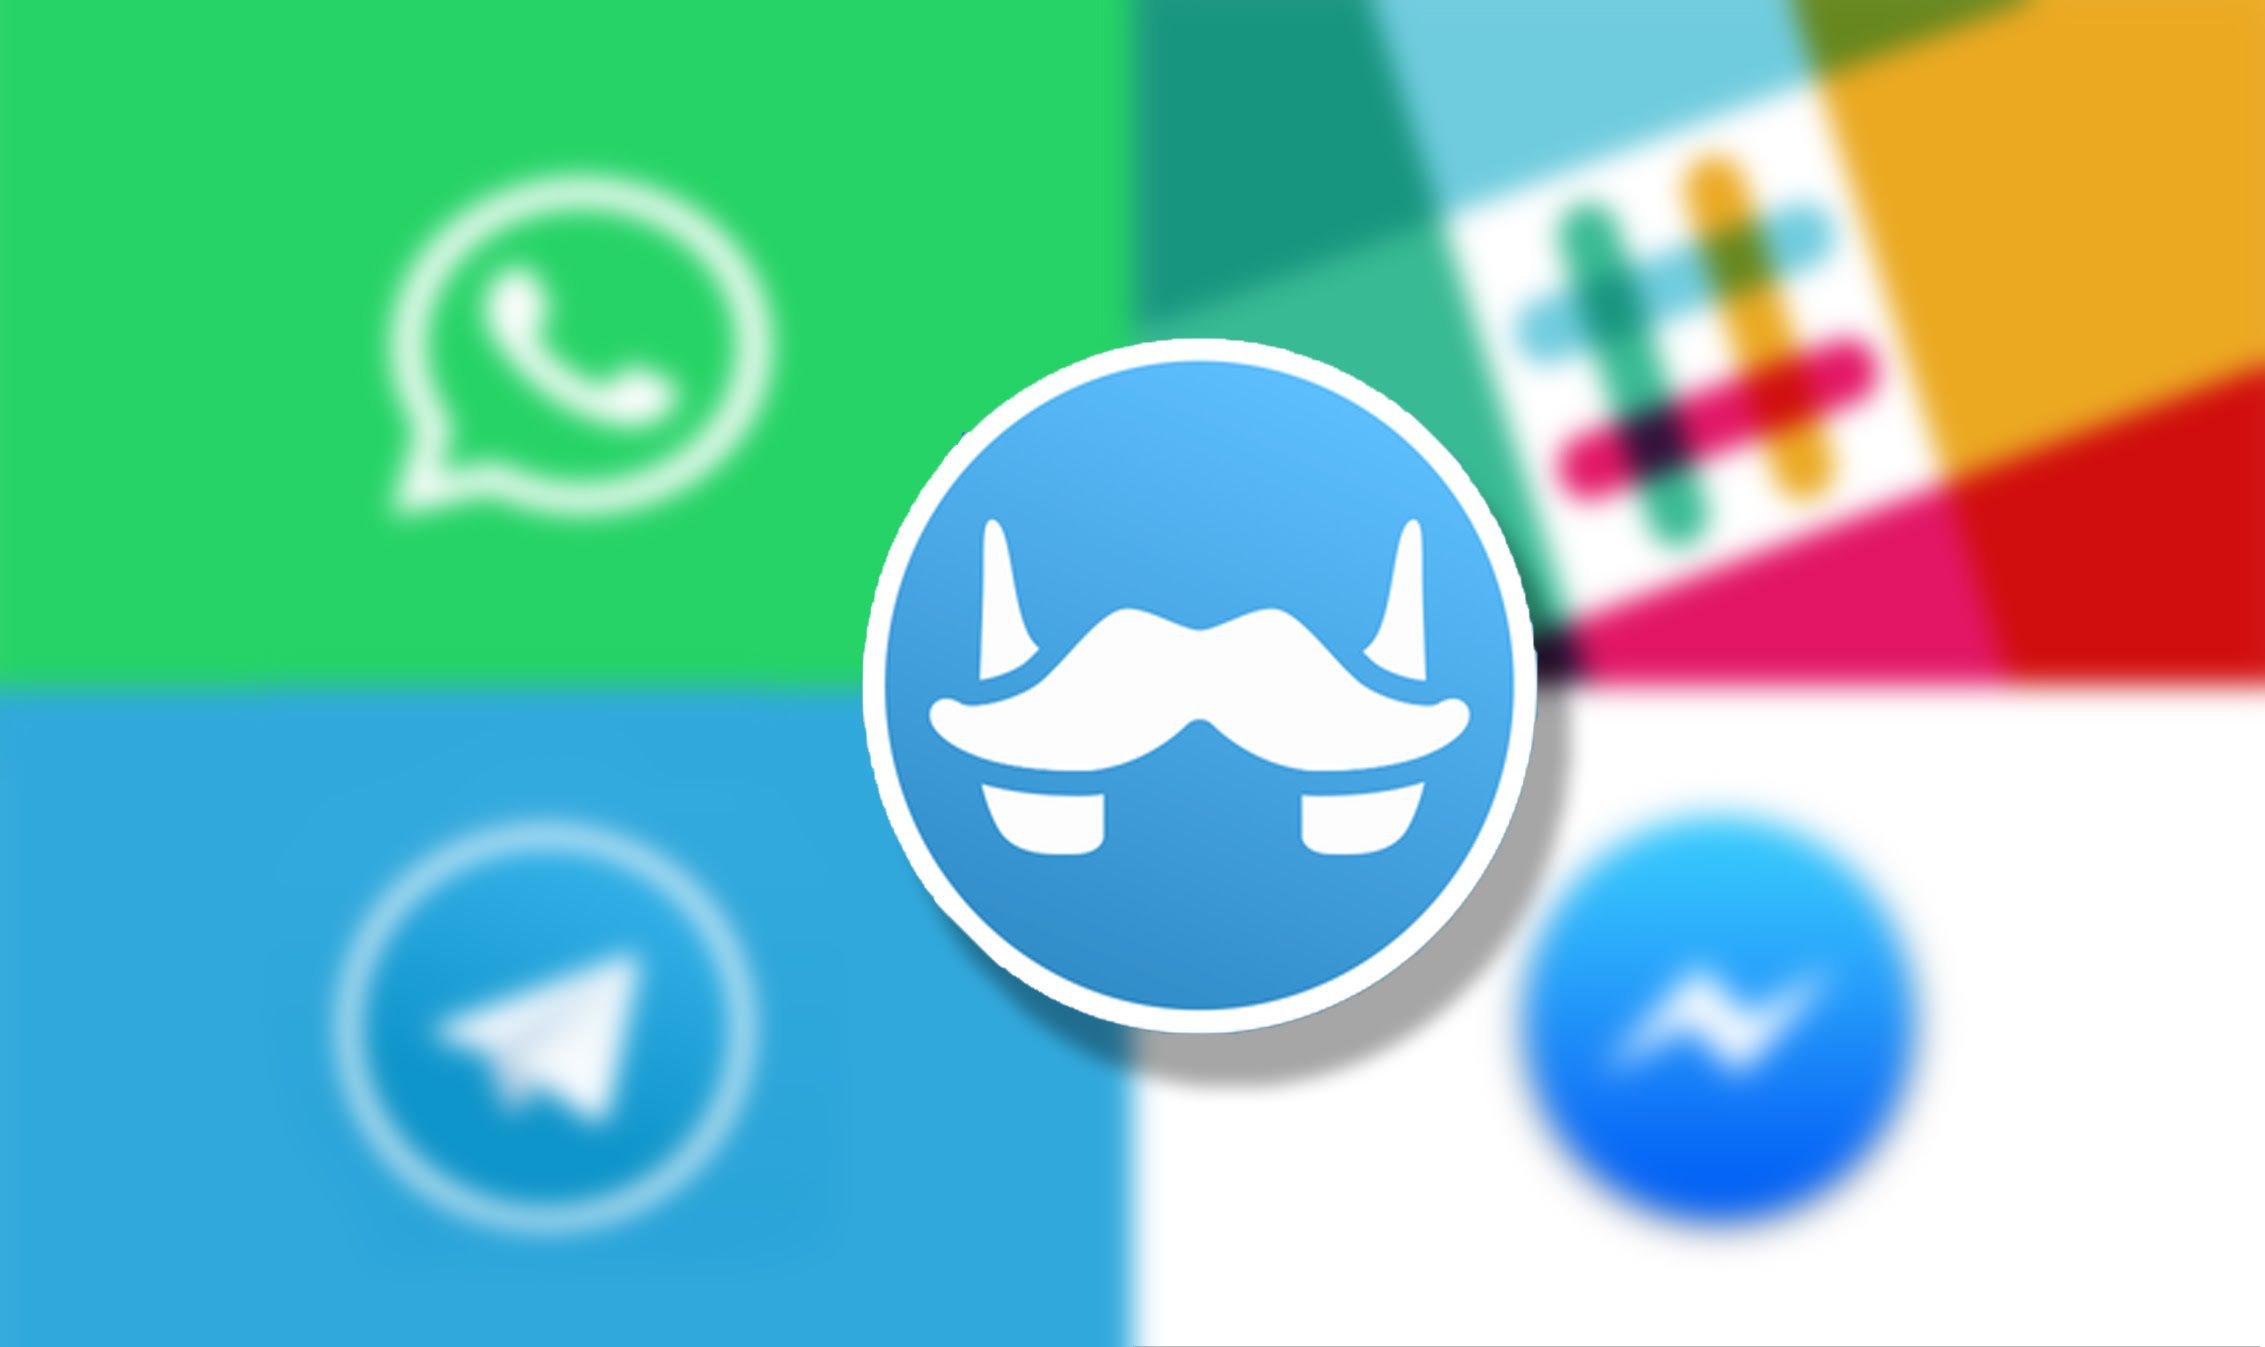 Franz, l'app che vi semplifica la vita raccogliendo tutti i social in una sola finestra